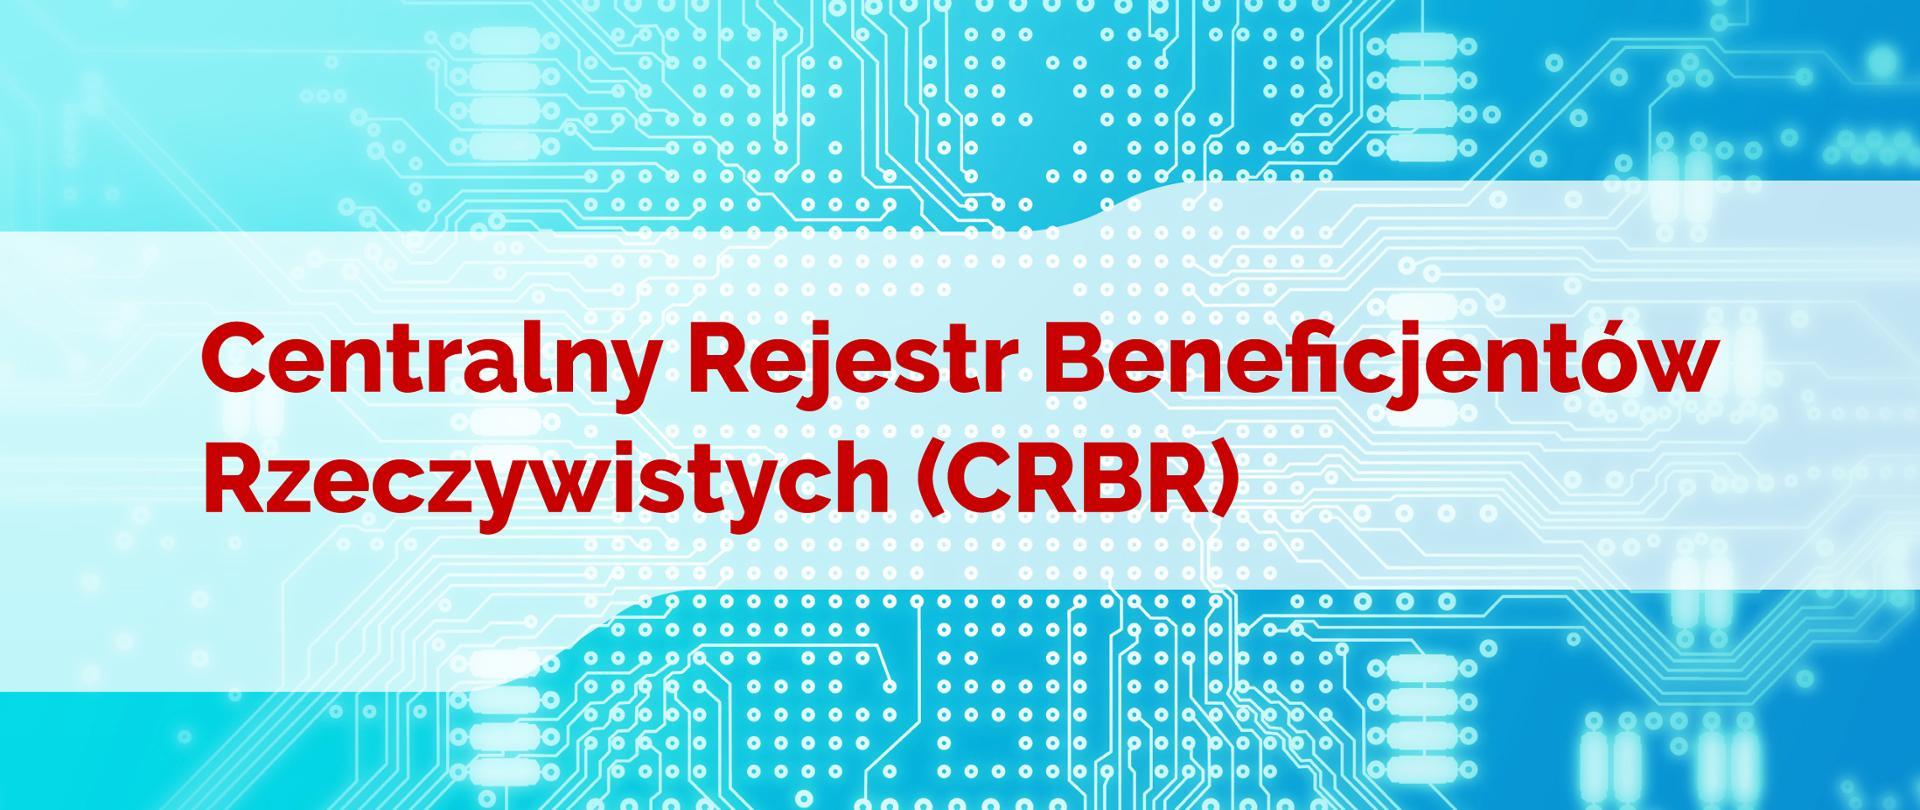 Na biało niebieskim tle płytki scalonej czerwony napis Centralny Rejestr Beneficjentów Rzeczywistych (CRBR)